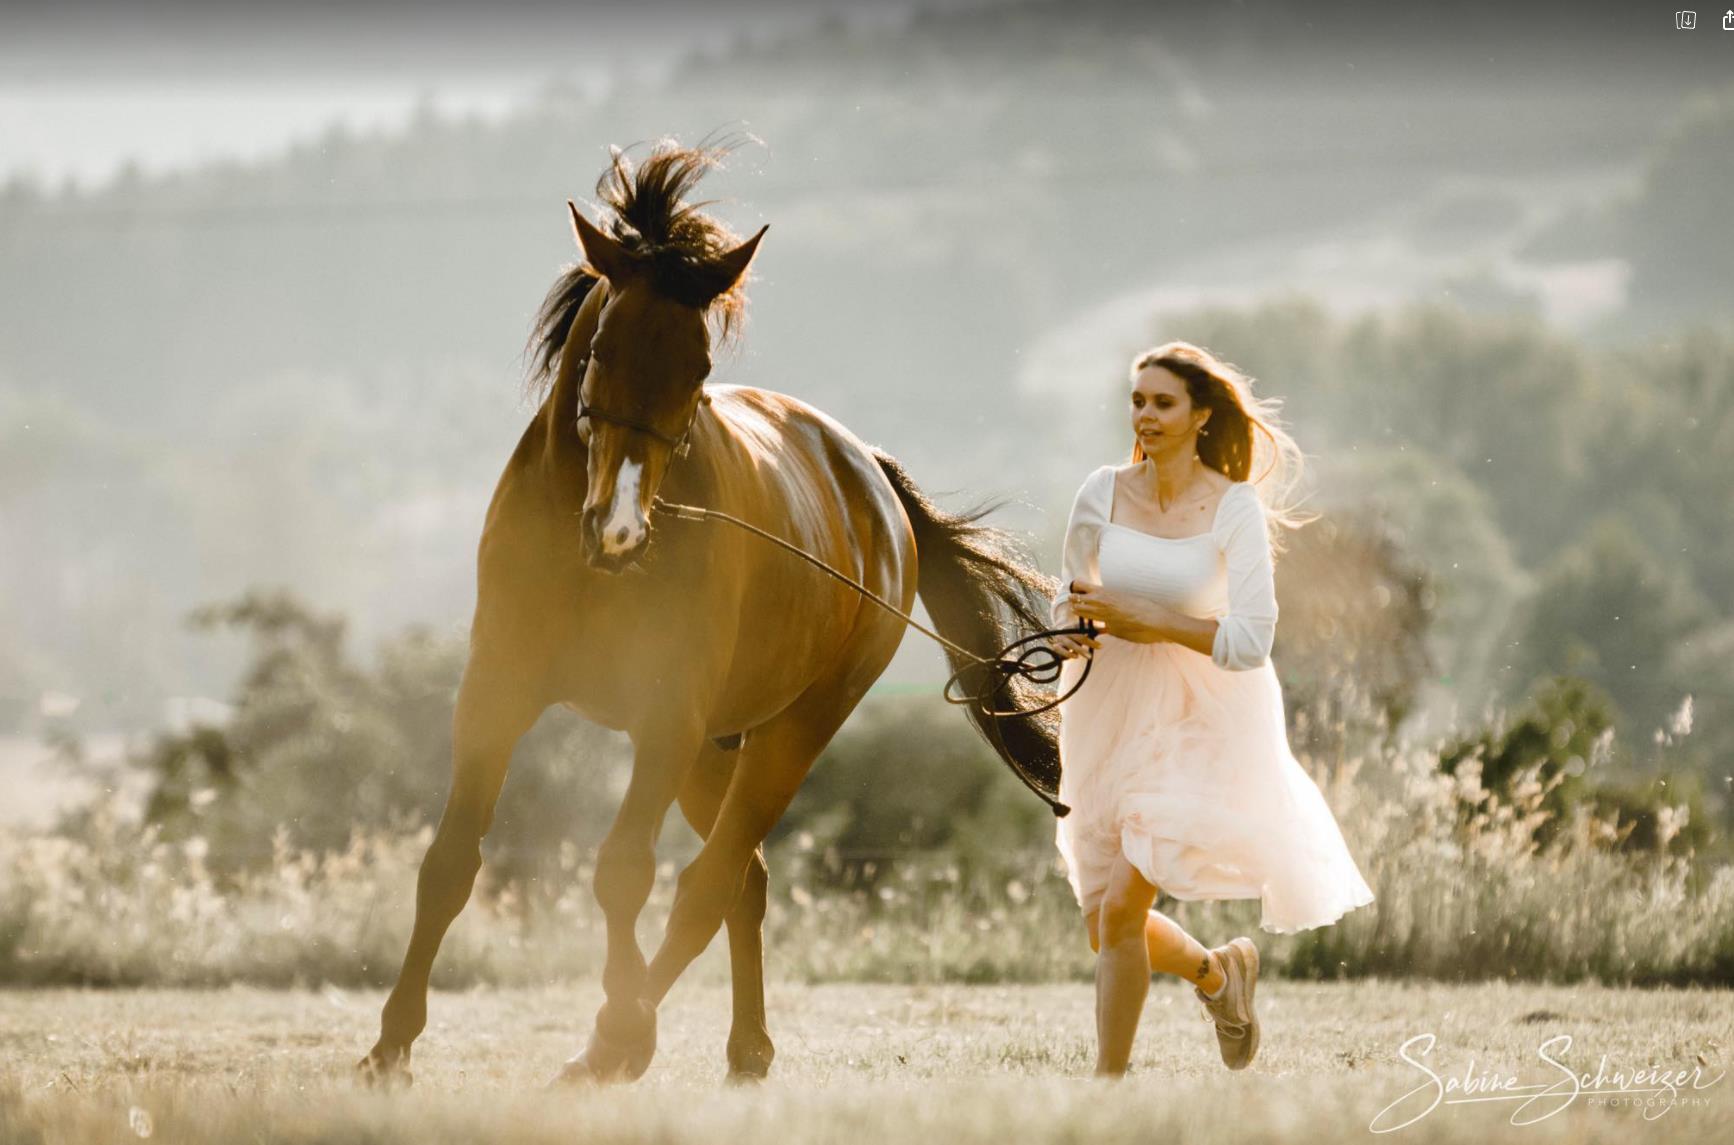 Equus Statera